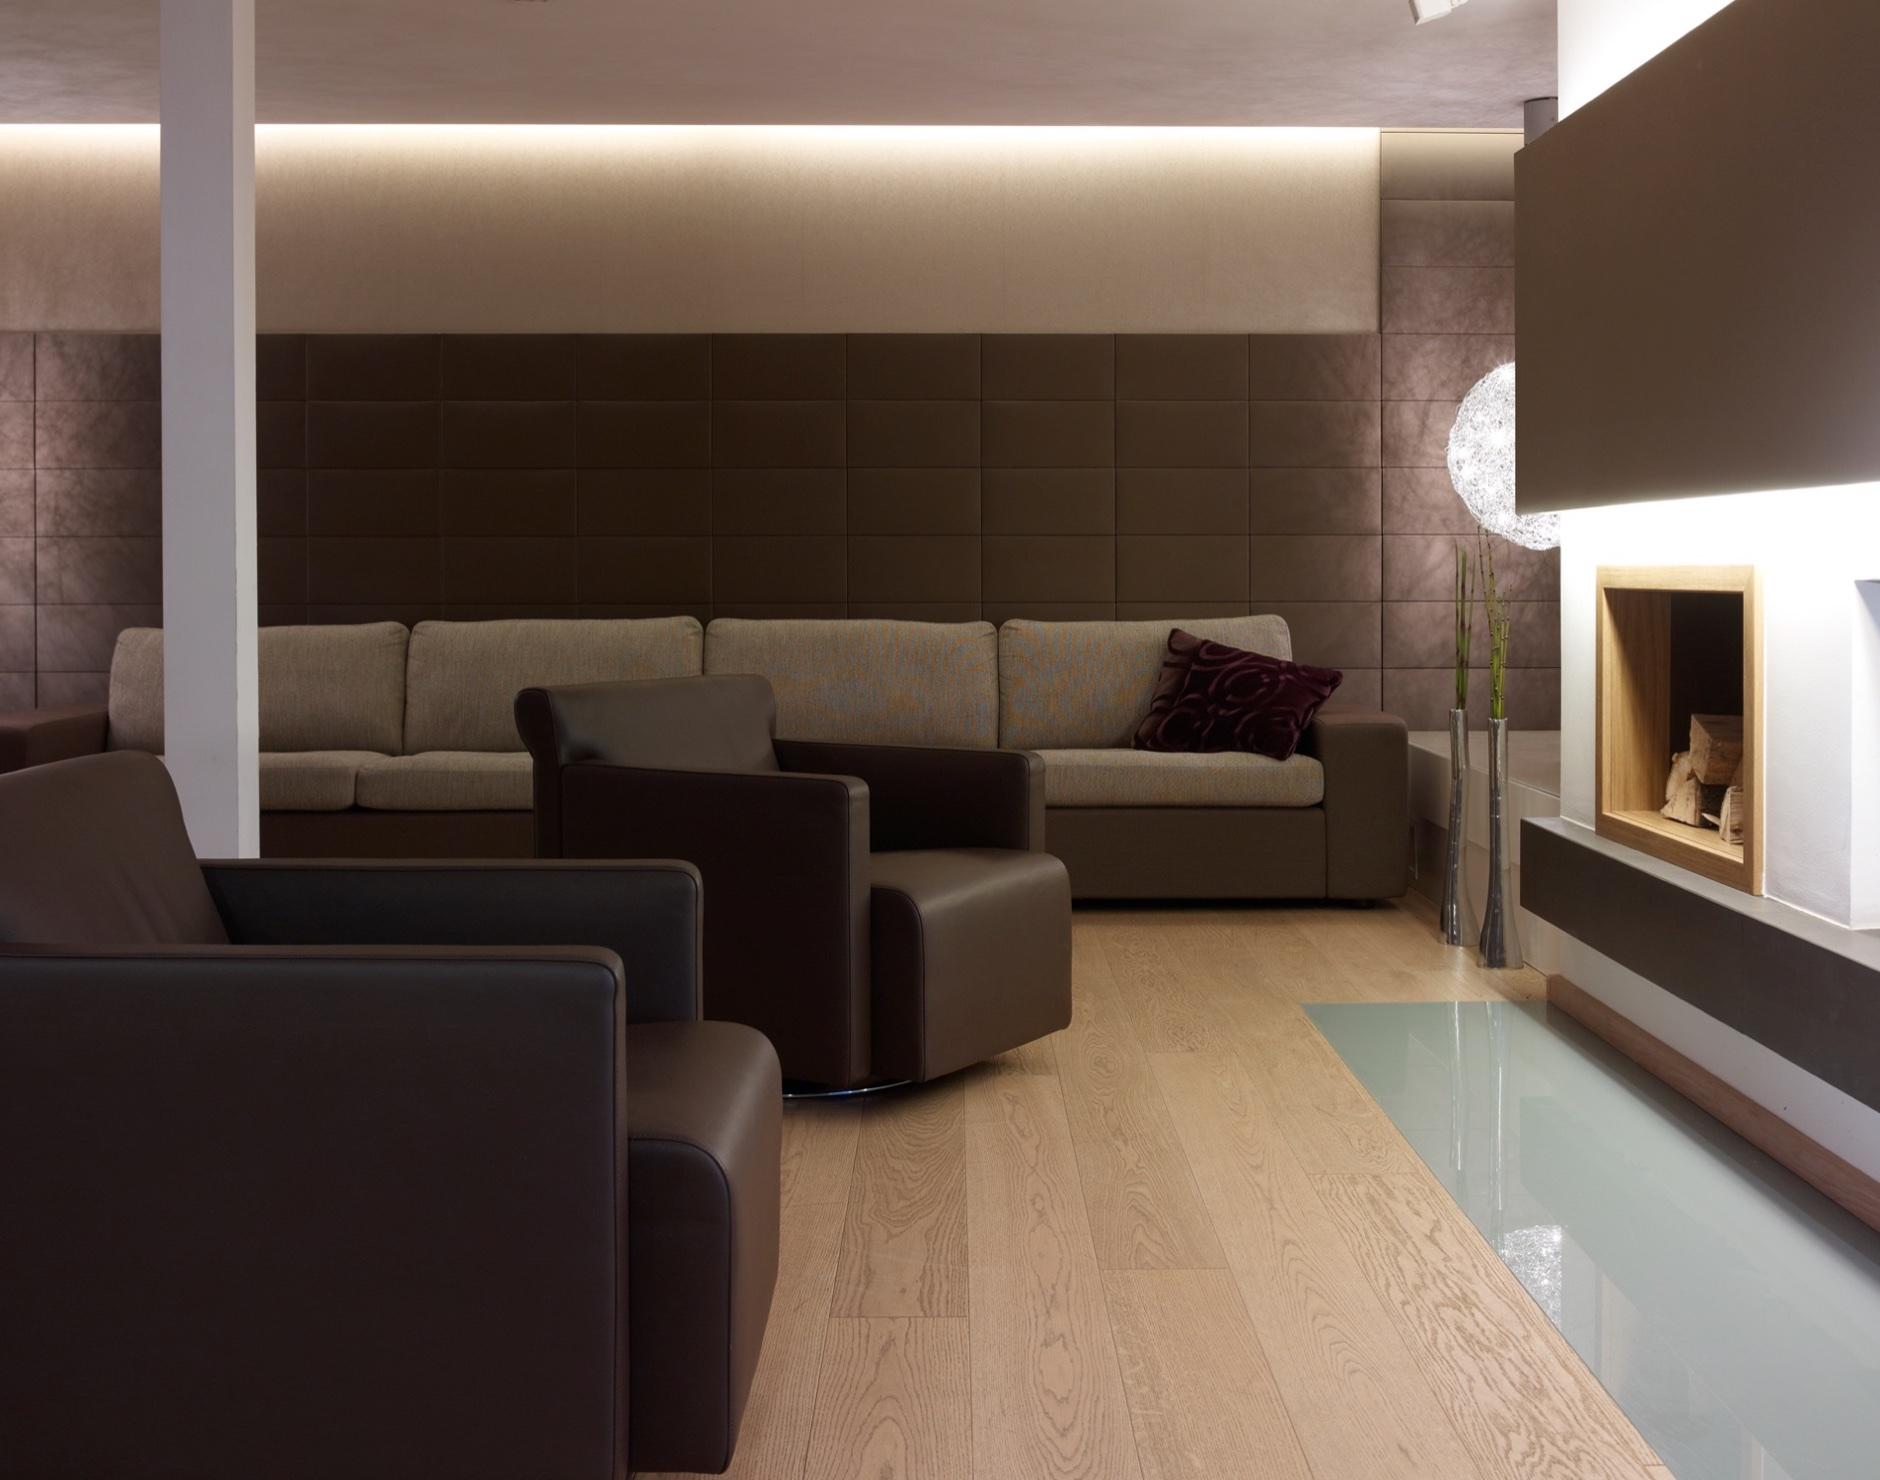 hotel strandh rn cor. Black Bedroom Furniture Sets. Home Design Ideas